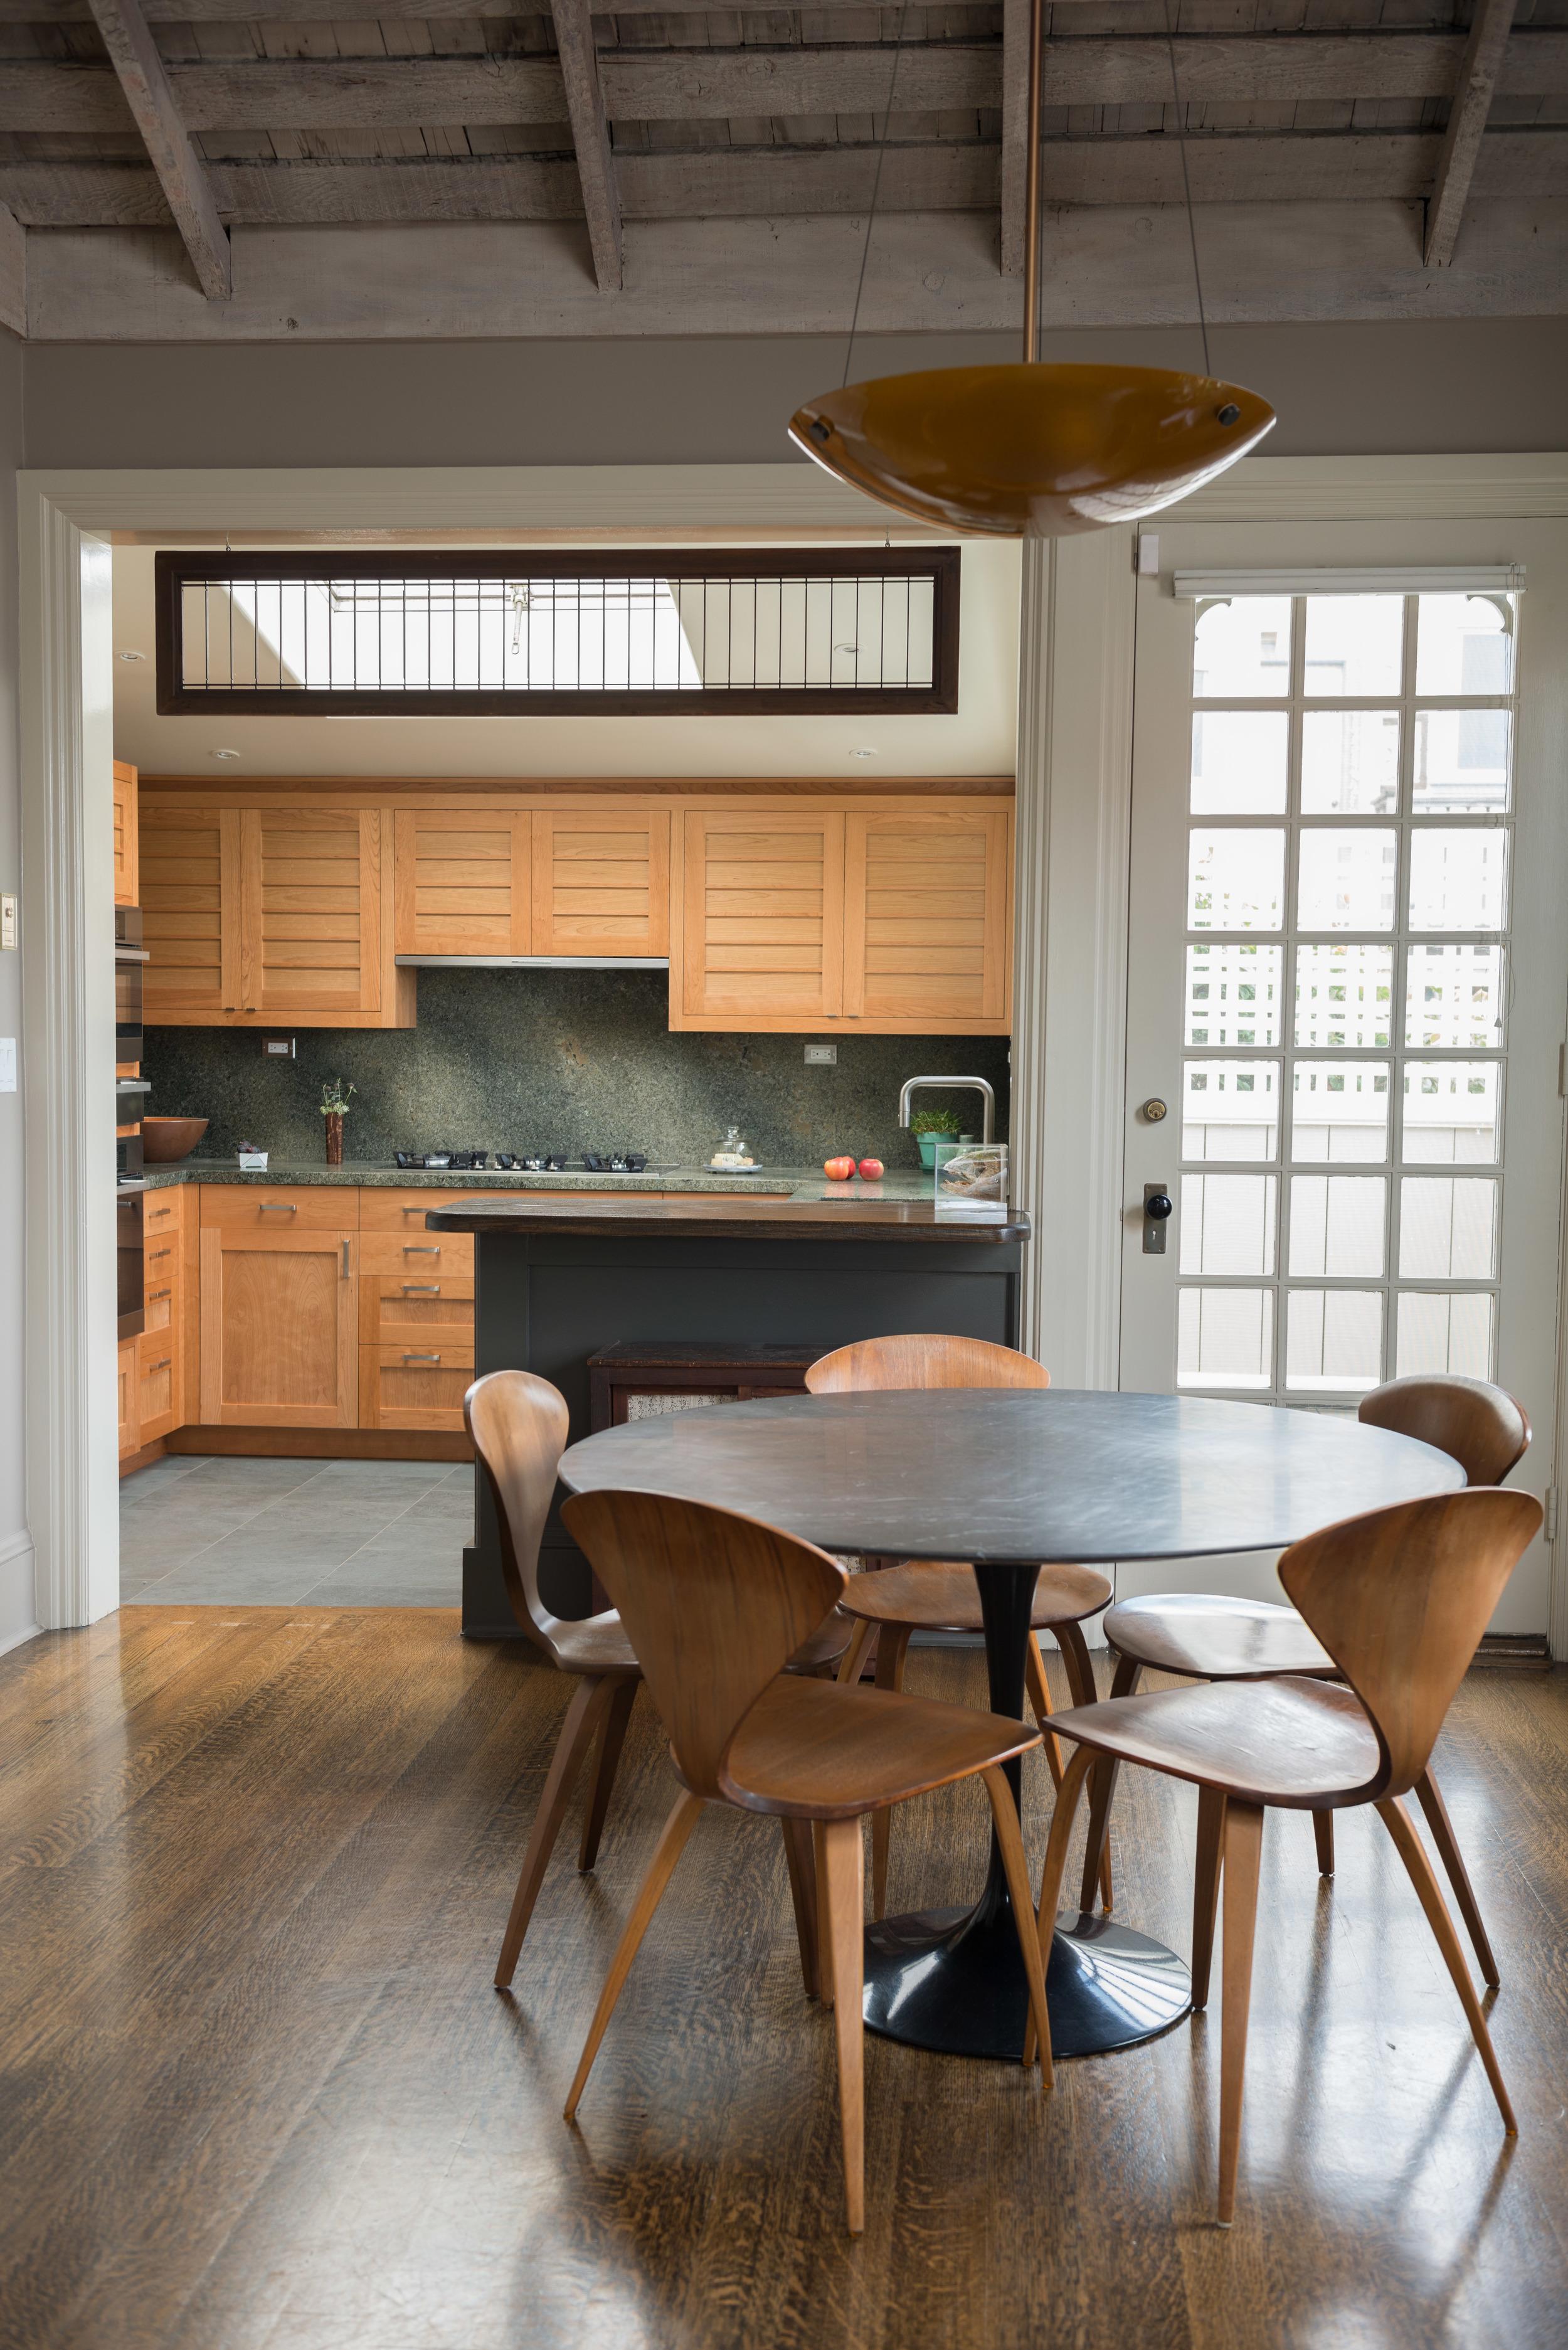 Potrero hill kitchen-01.jpg